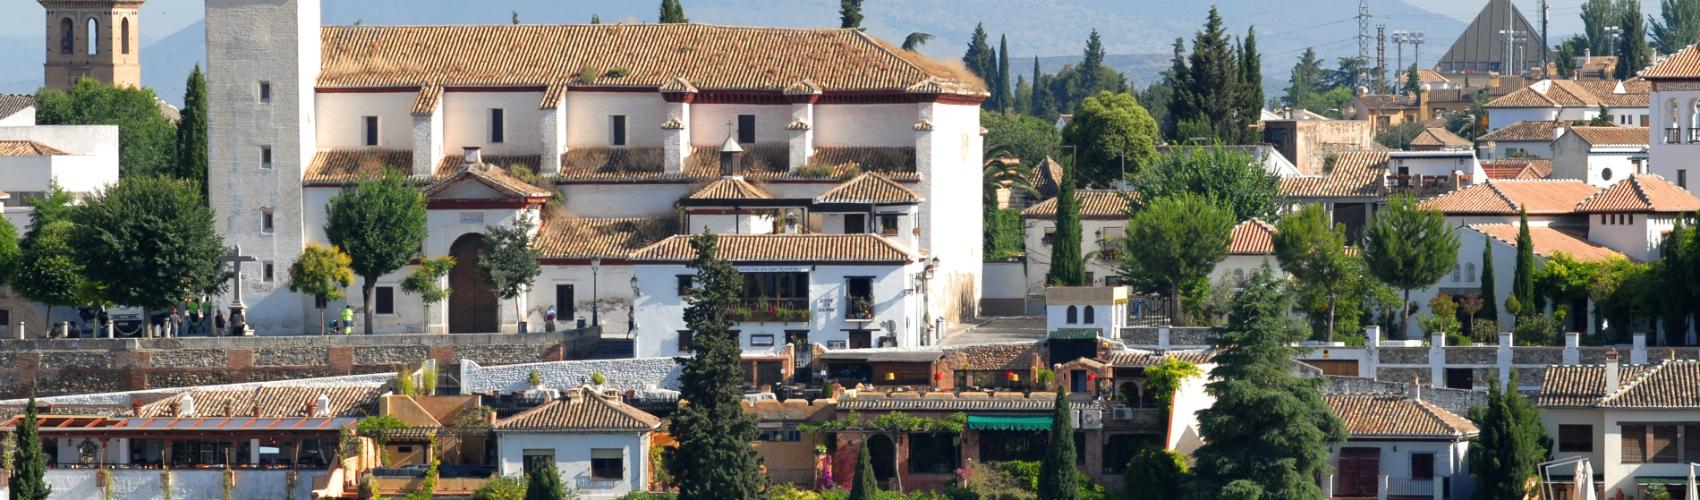 Vakantie Granada